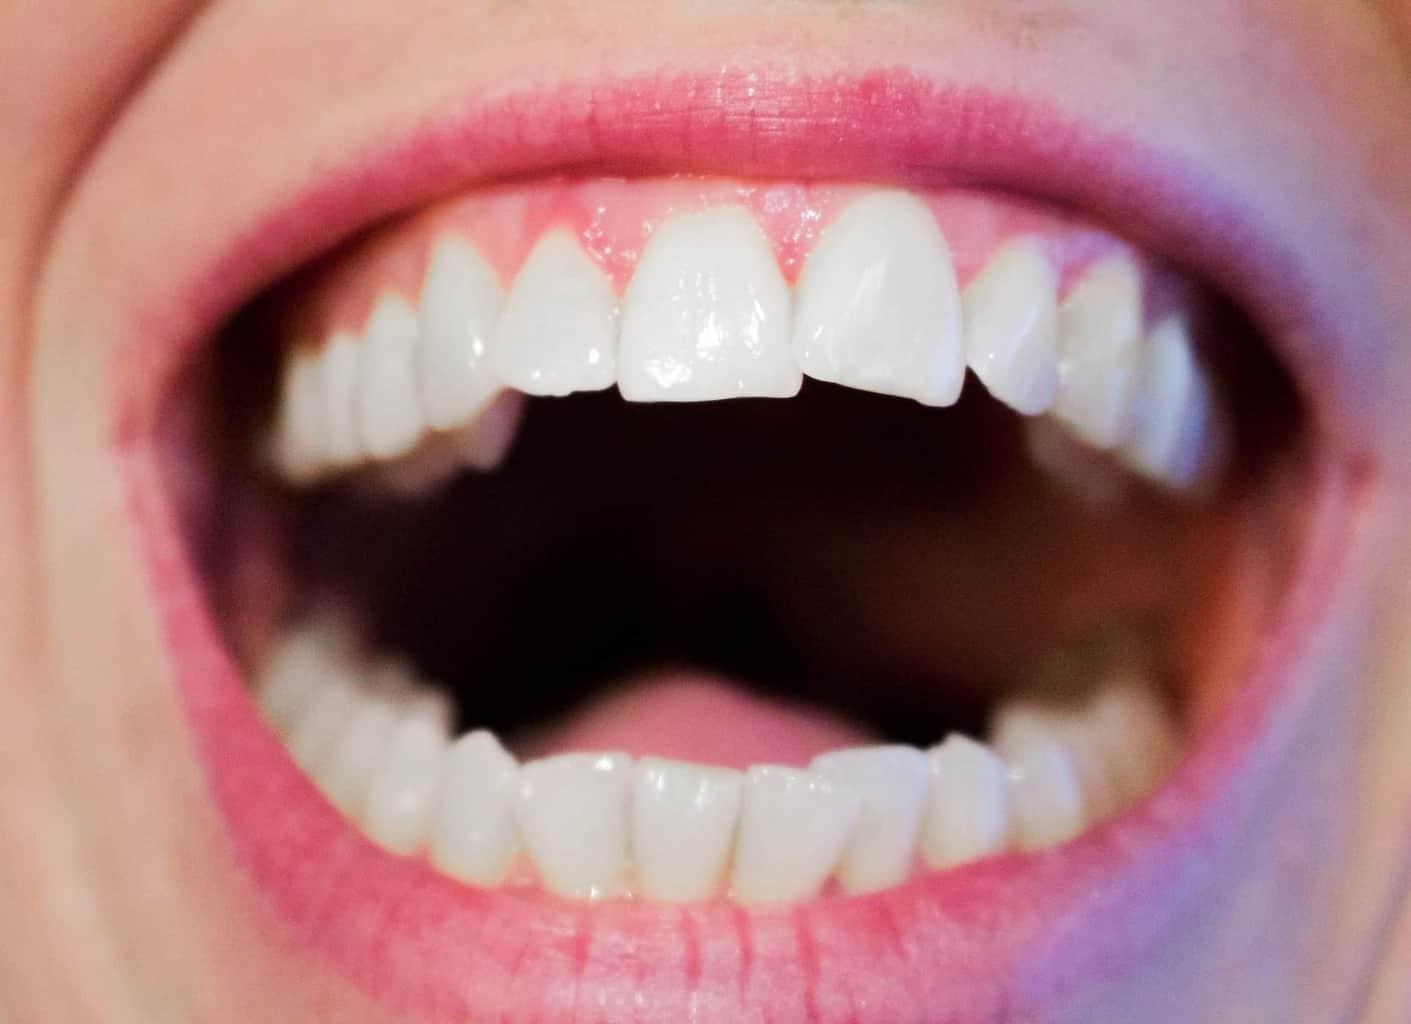 Prevenzione Dentale : l'igiene quotidiana dei denti